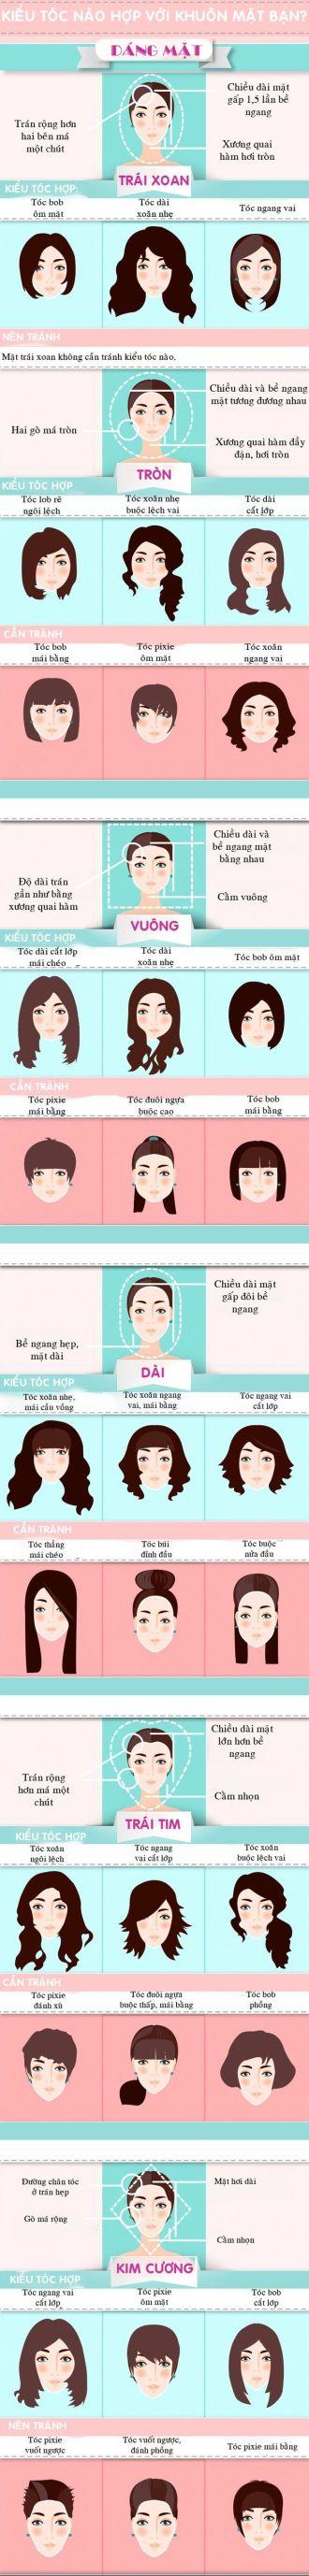 Cách chọn kiểu tóc ngắn tóc dài phù hợp với khuôn mặt tự tin